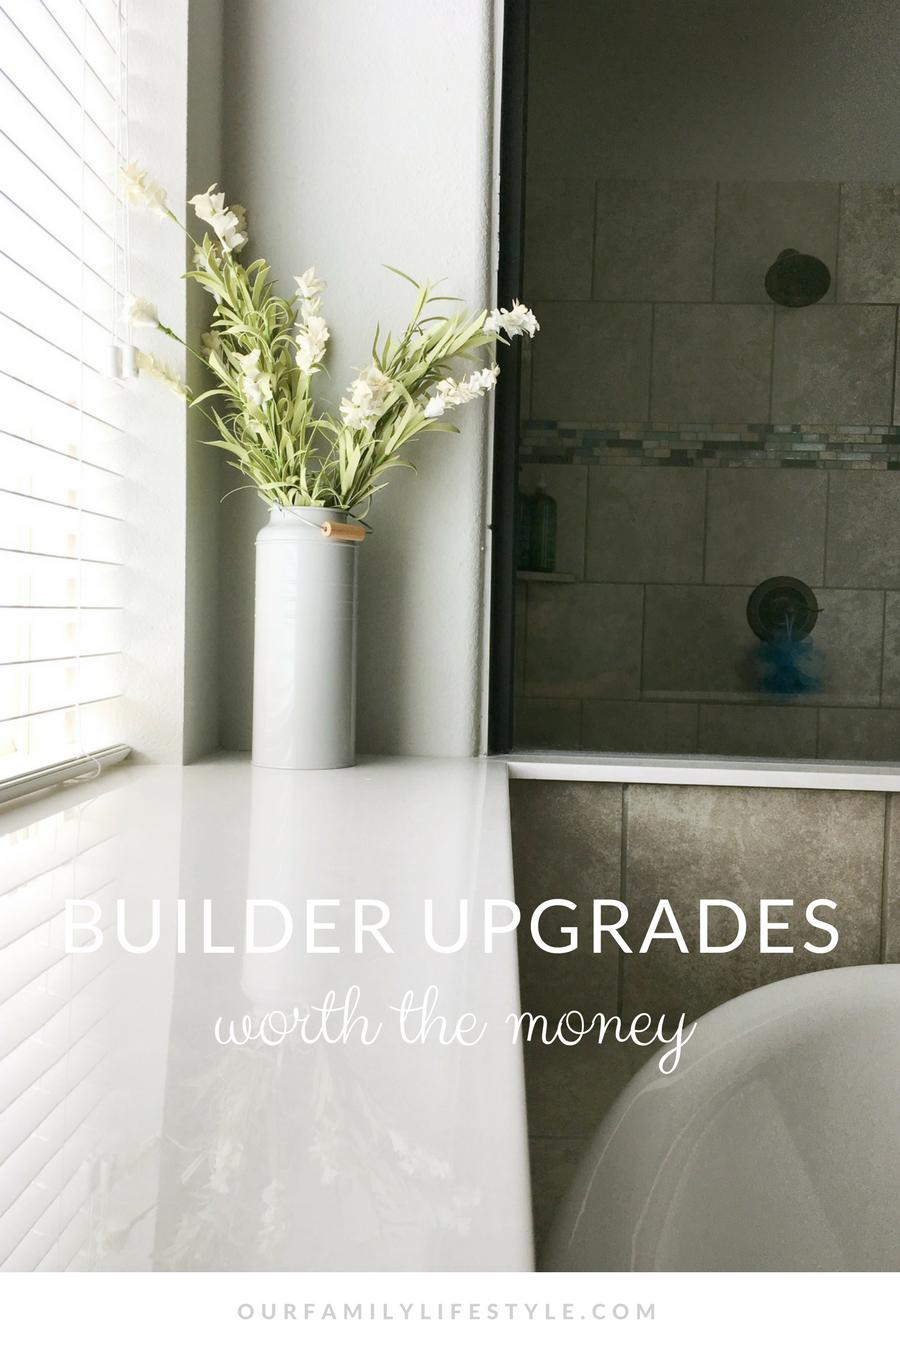 builder upgrades worth the money